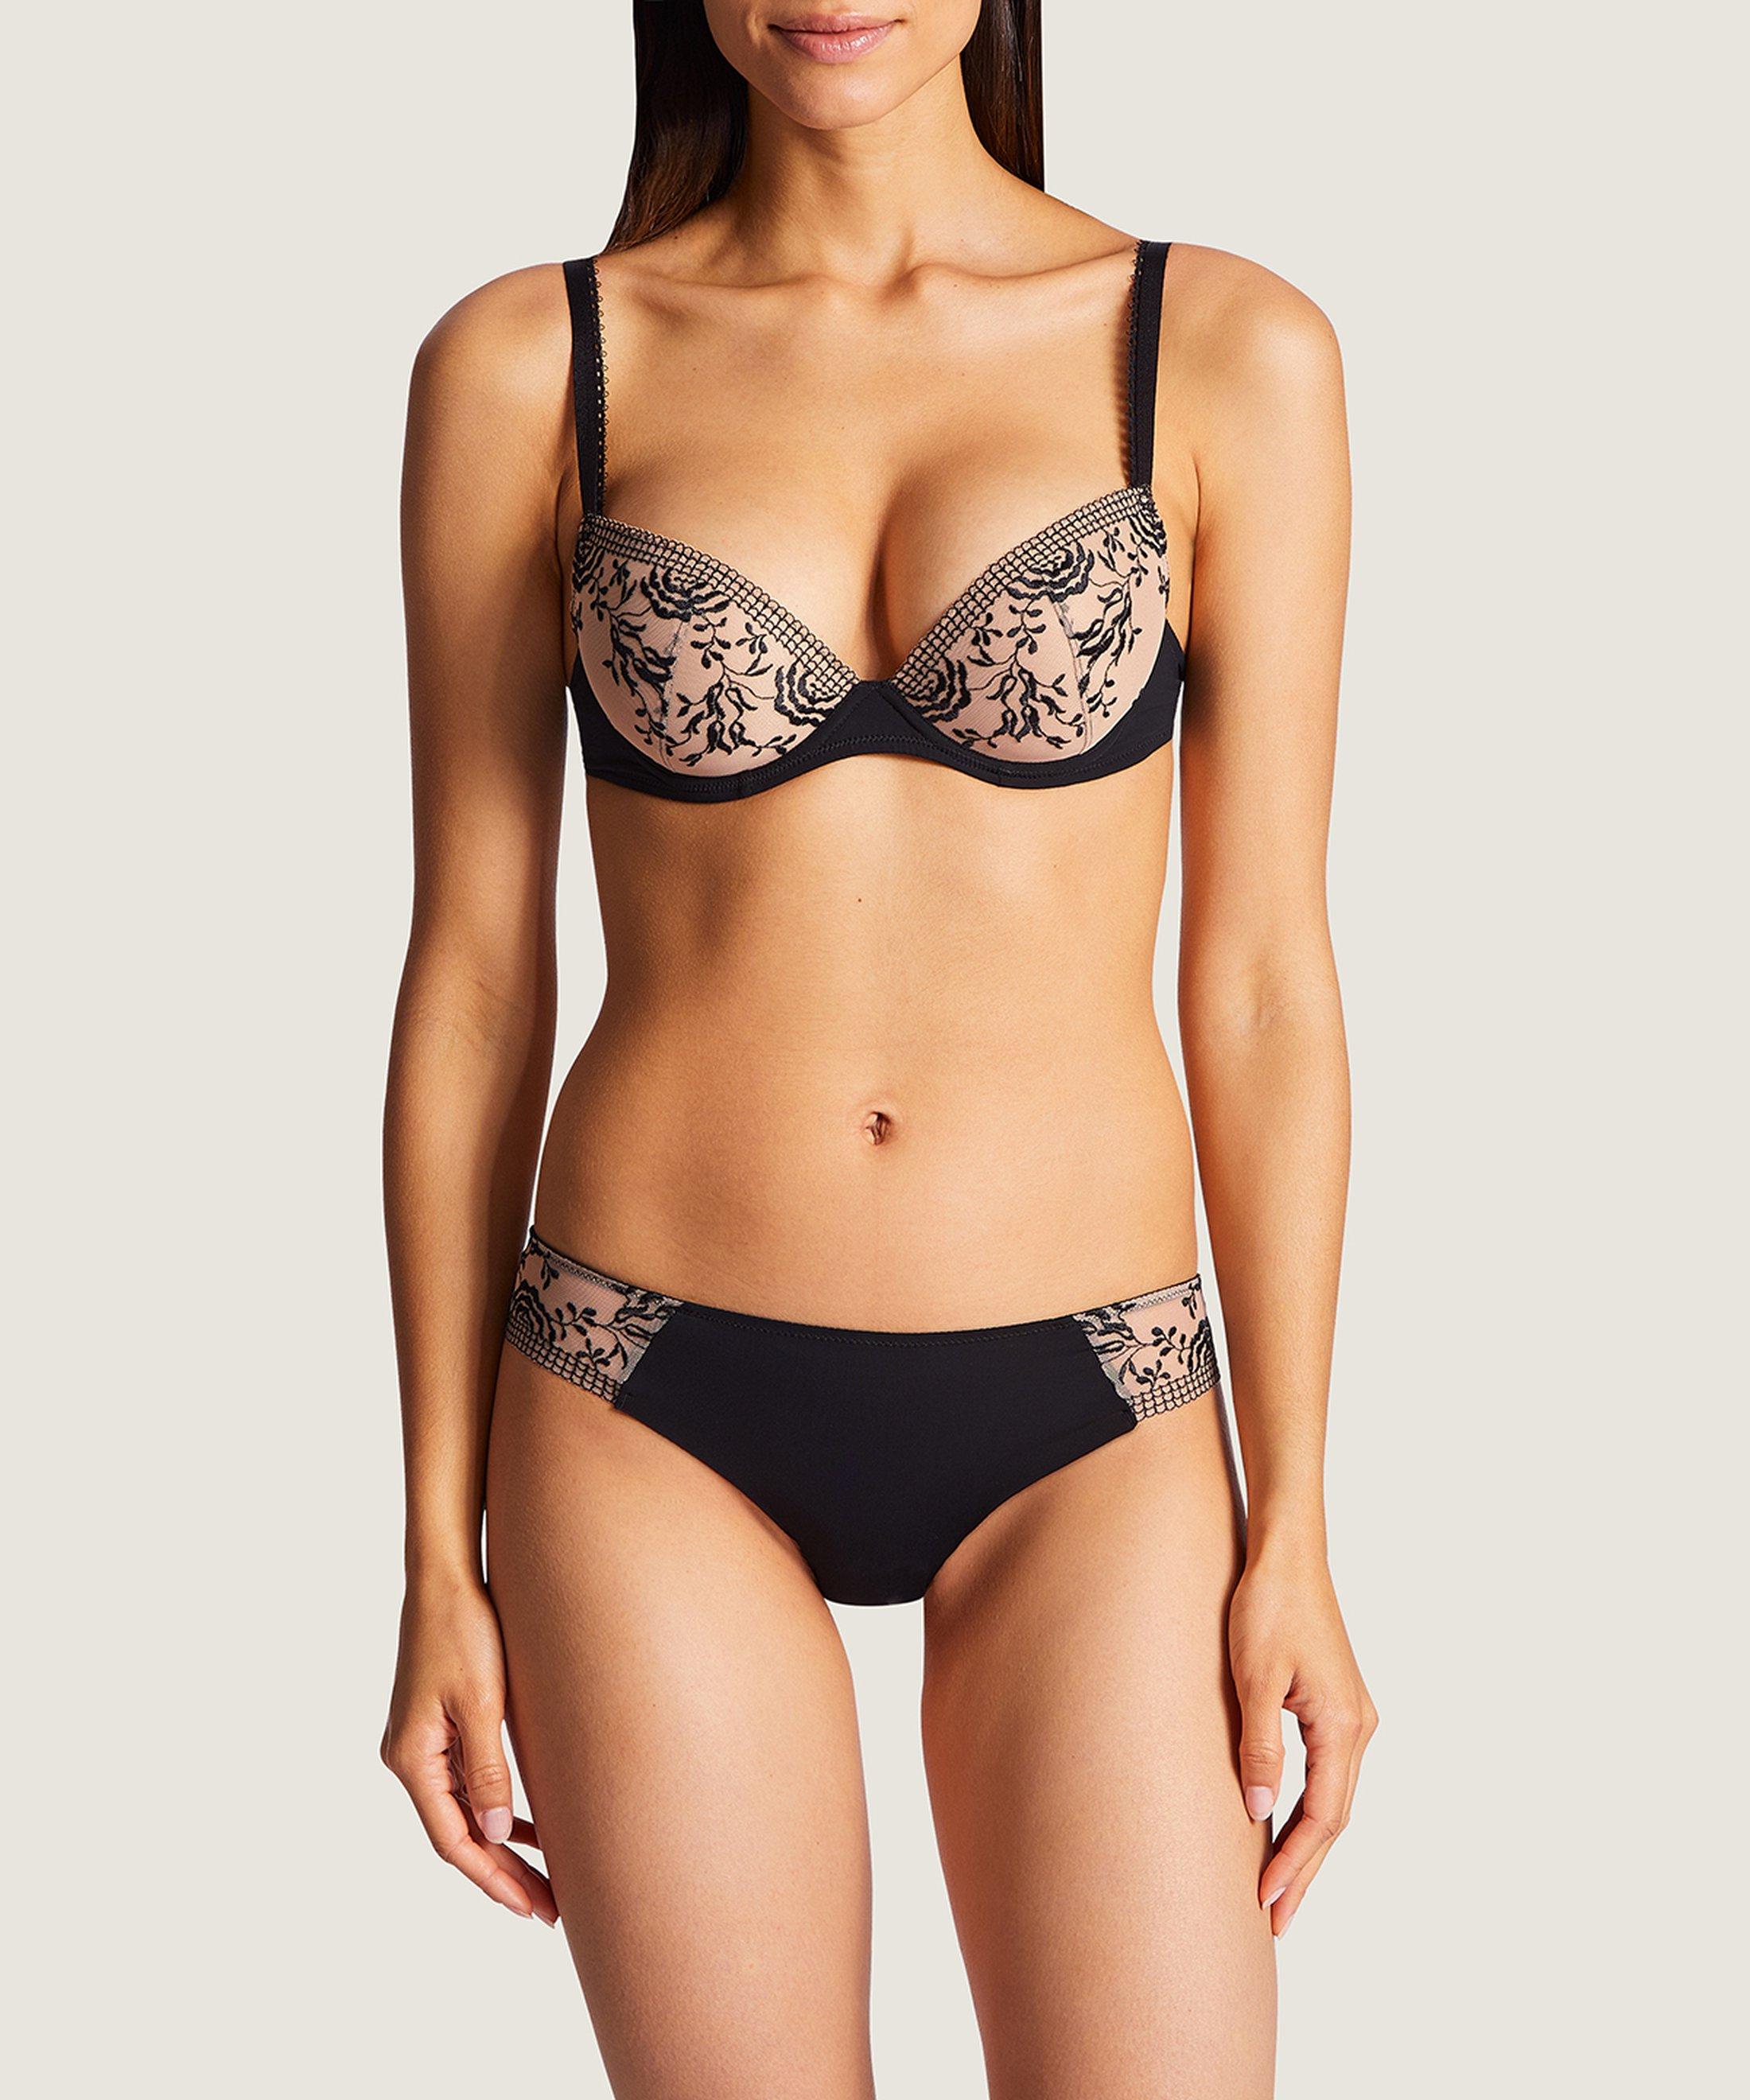 FLEUR DE PASSION Moulded push-up bra Black | Aubade